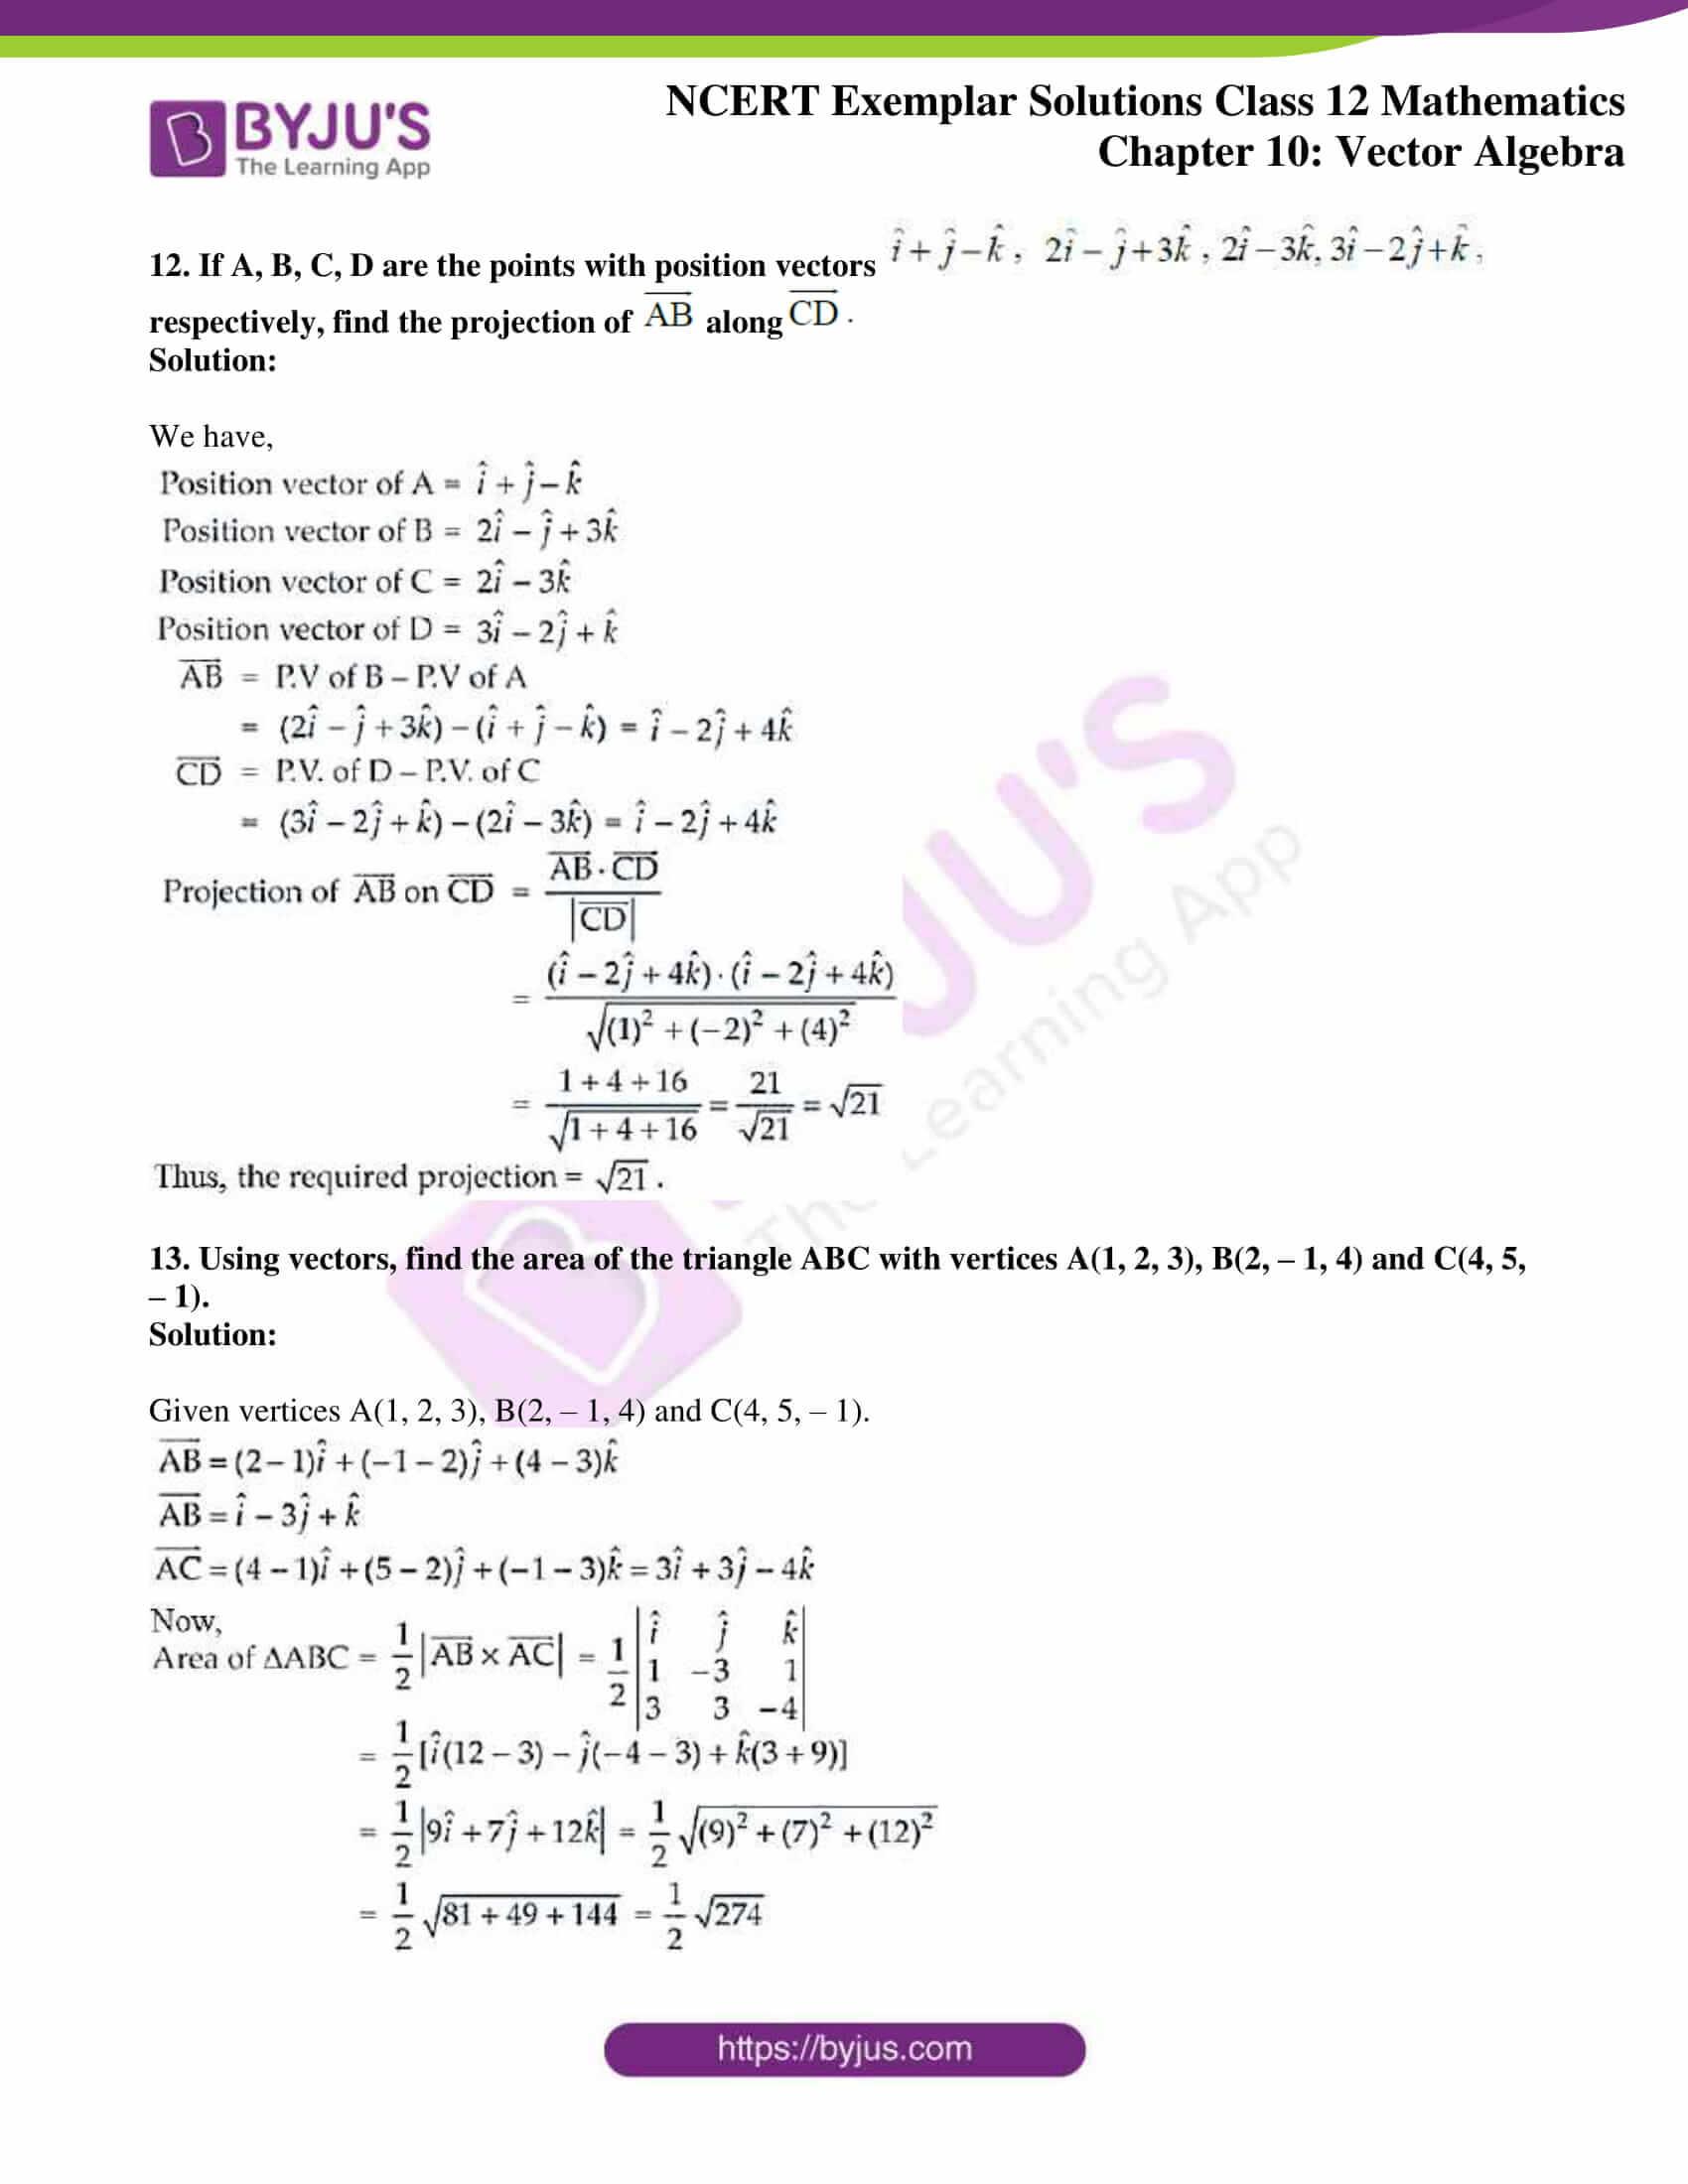 ncert exemplar sol class 12 mathematics ch 10 07